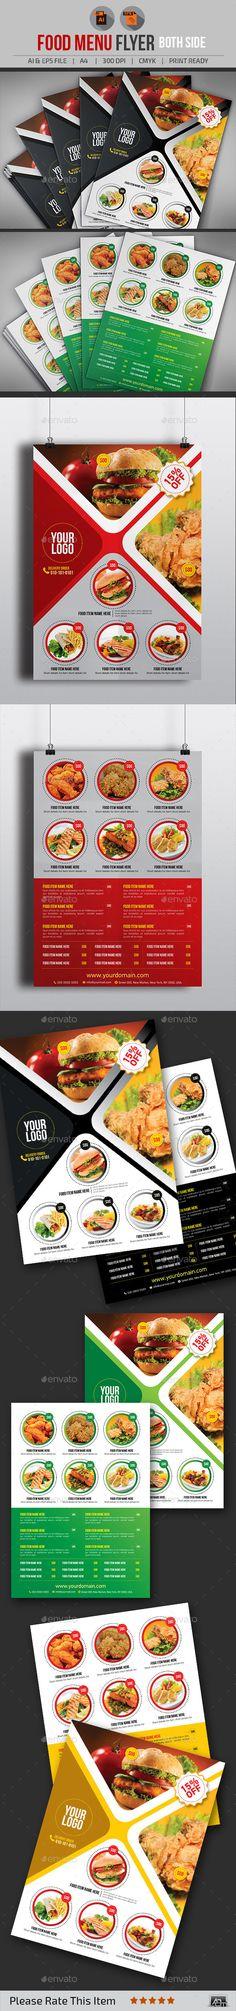 Food Menu Flyer Template #design Download    graphicrivernet - menu flyer template